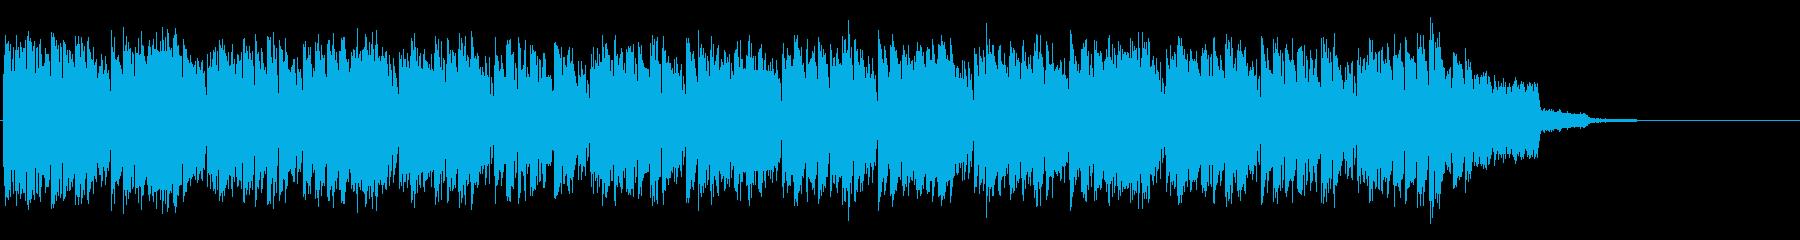 リフがエモい短い王道ユーロビートの再生済みの波形